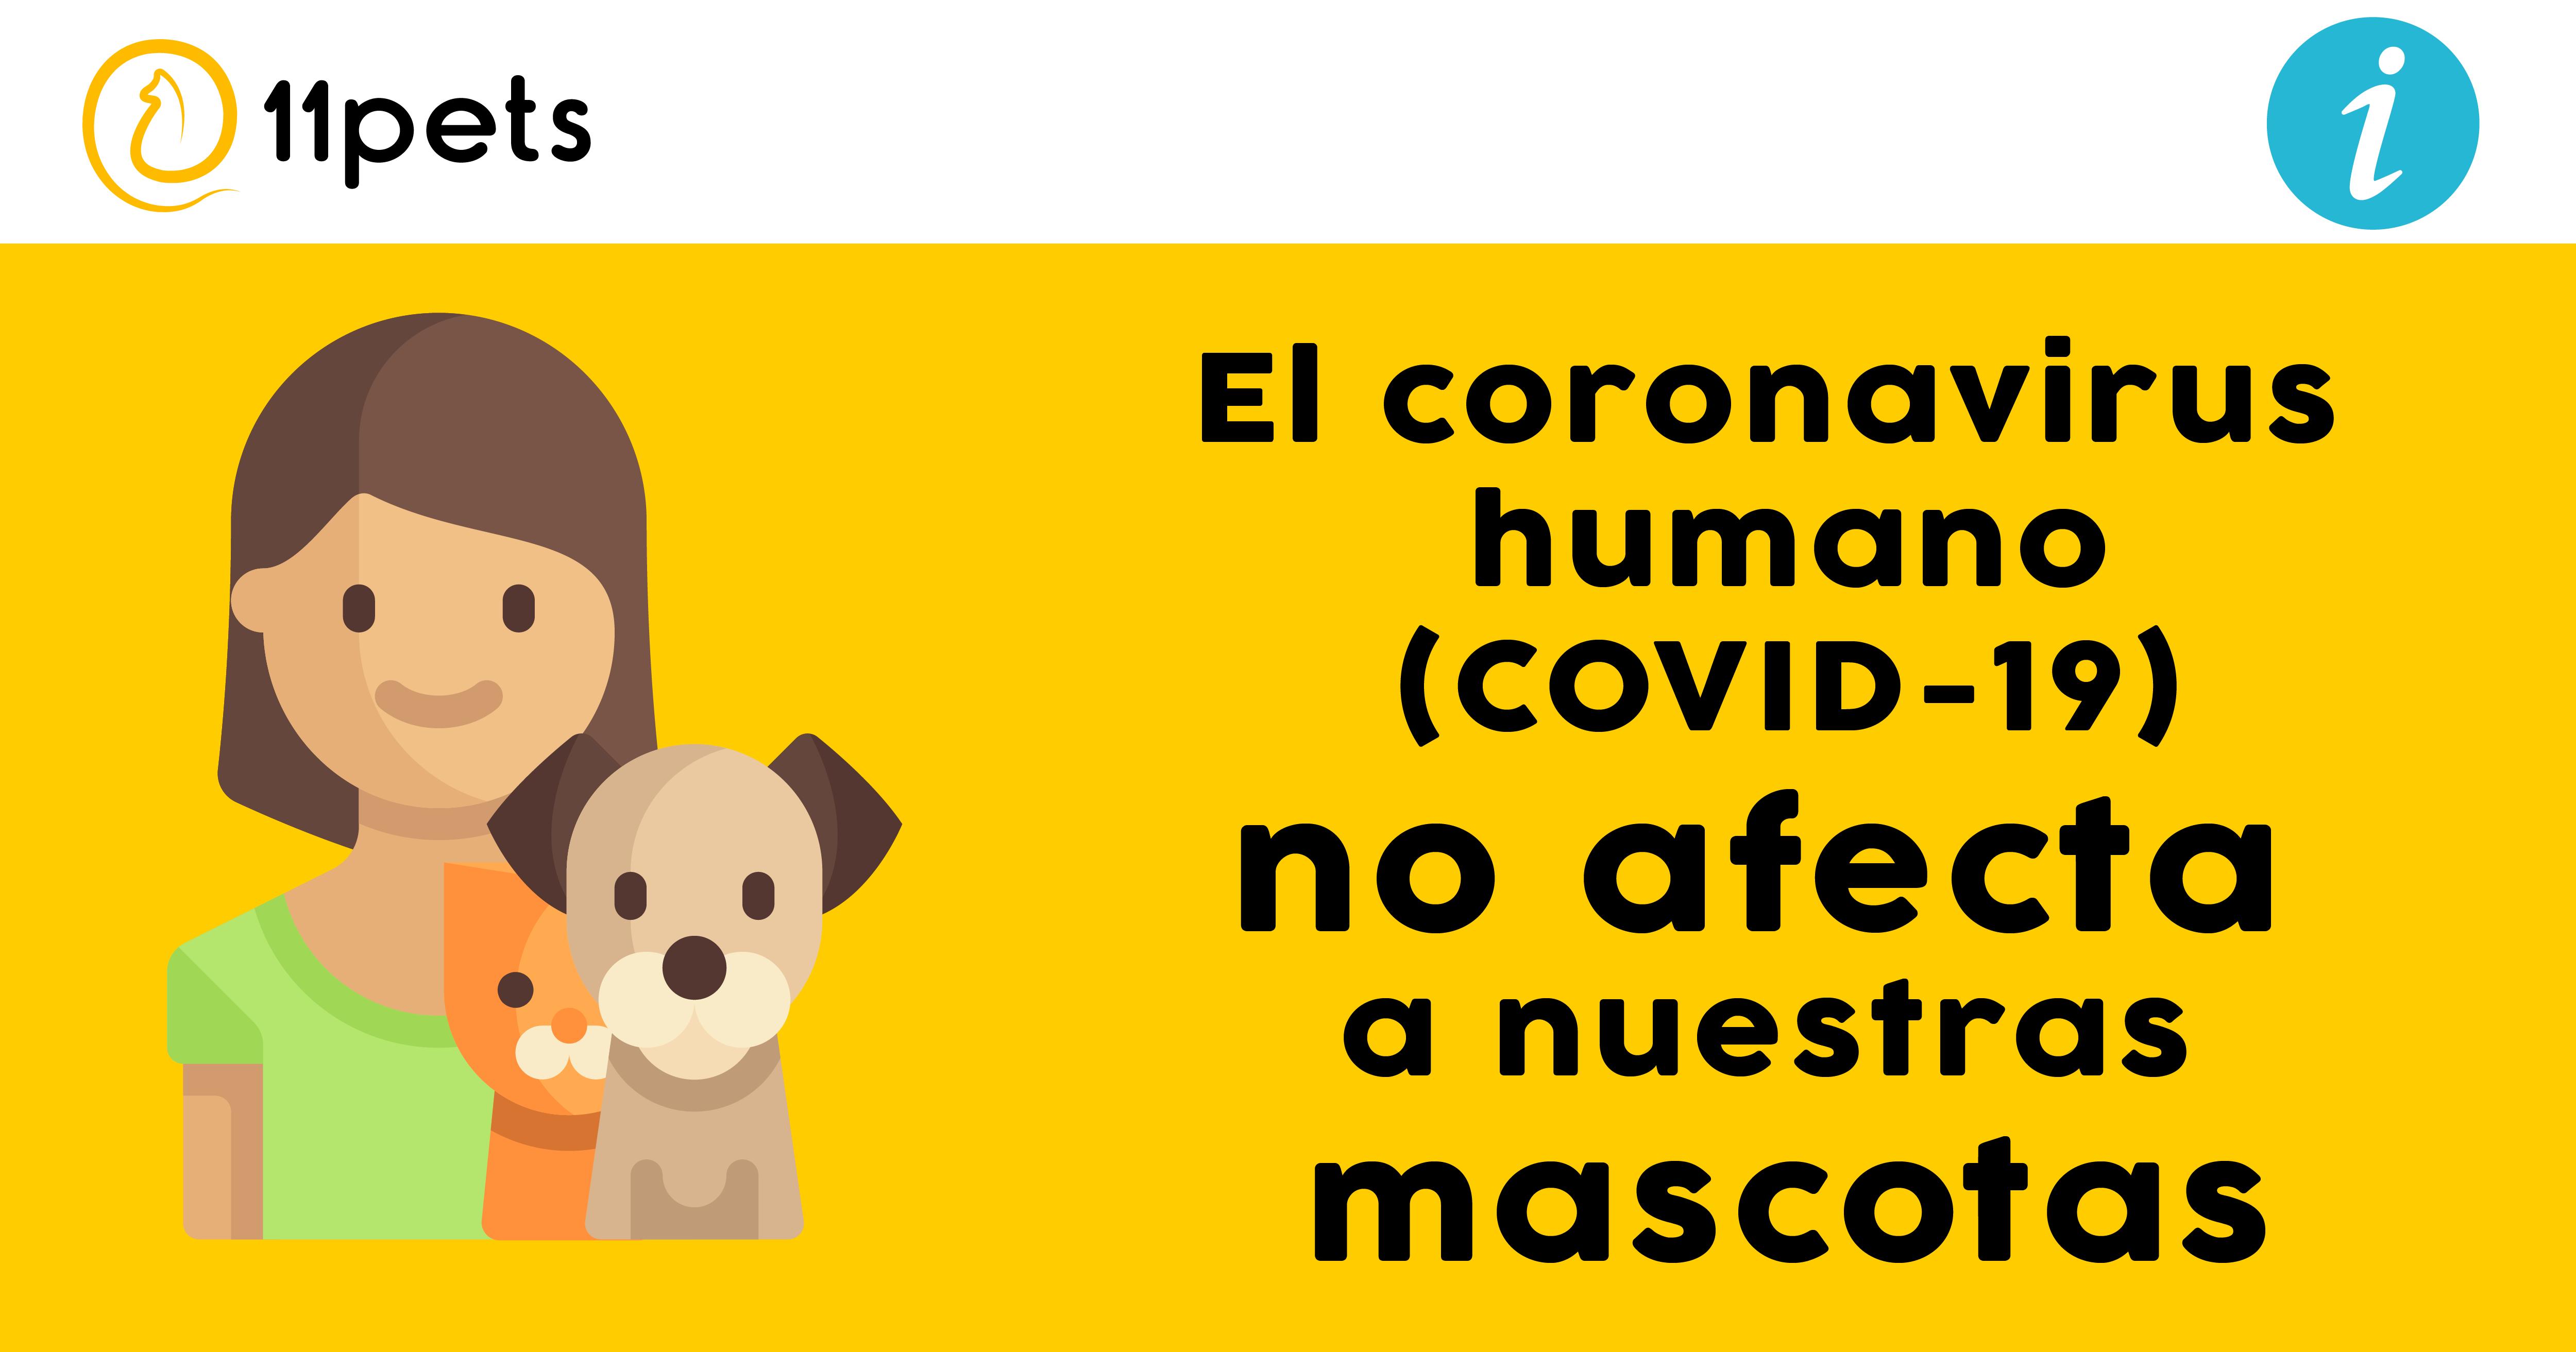 El coronavirus humano no afecta a nuestras mascotas